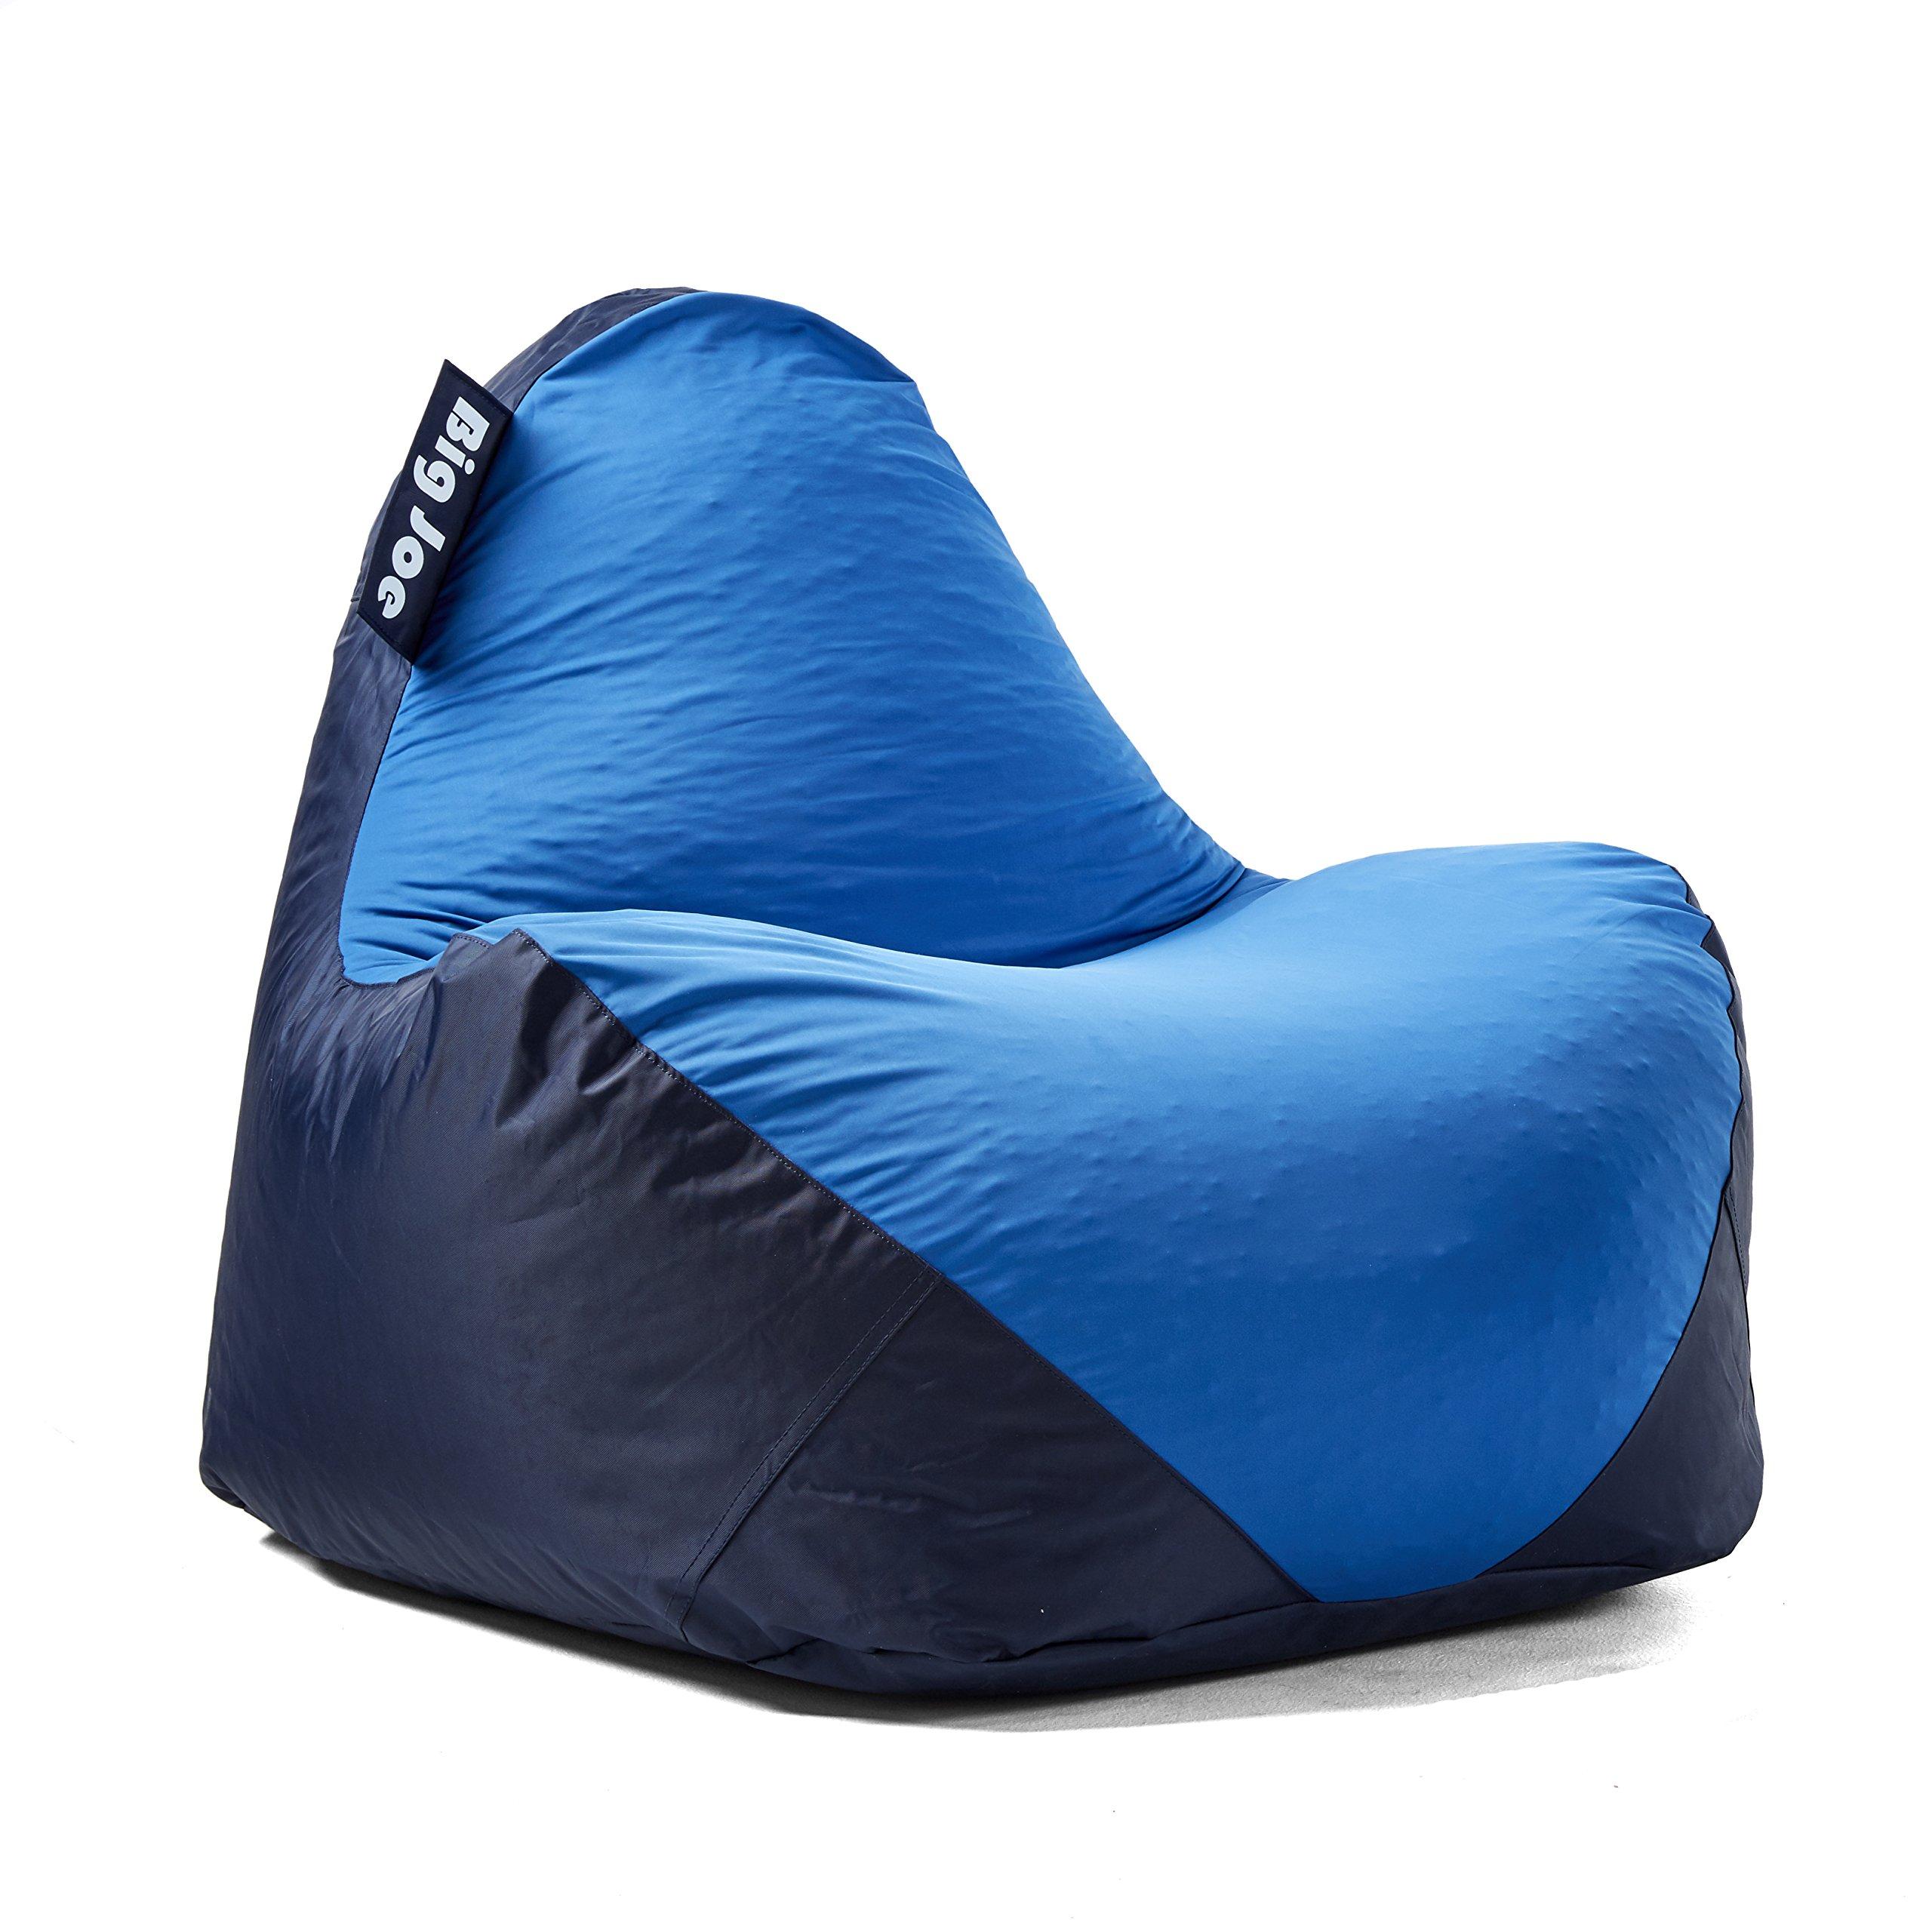 Big Joe Warp Bean Bag, Navy/Blue by Big Joe